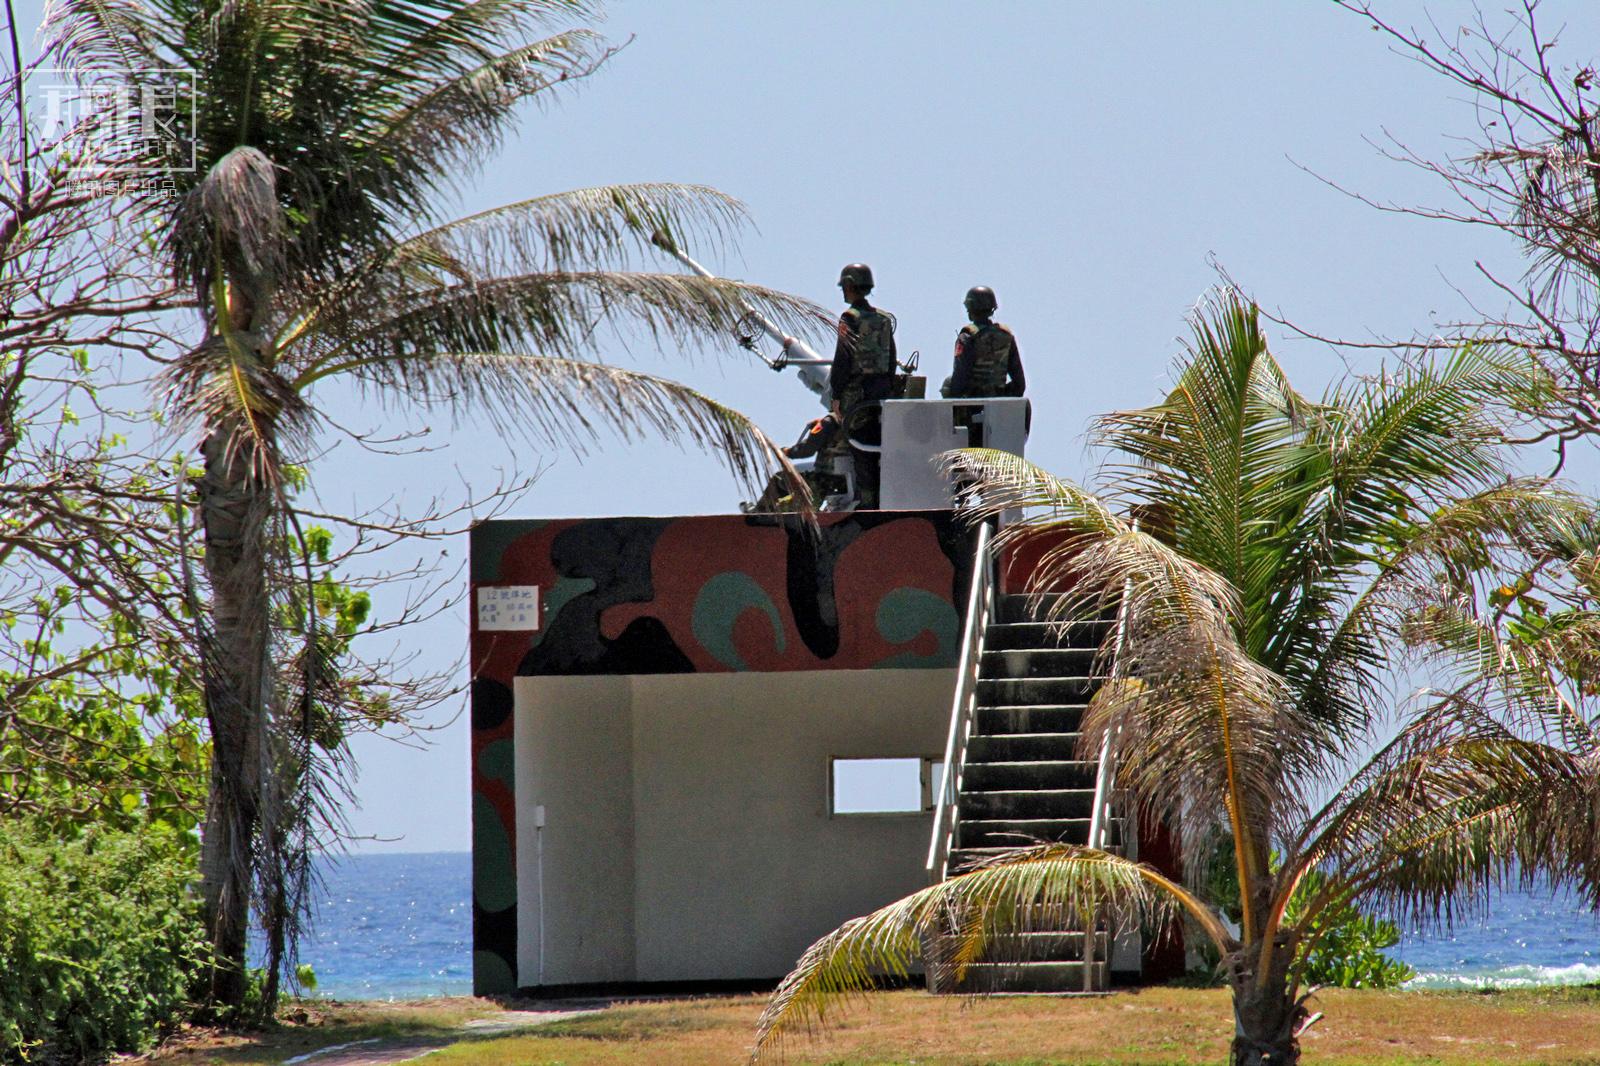 南沙太平岛探秘:上岛就能收到越南手机信号(组图)